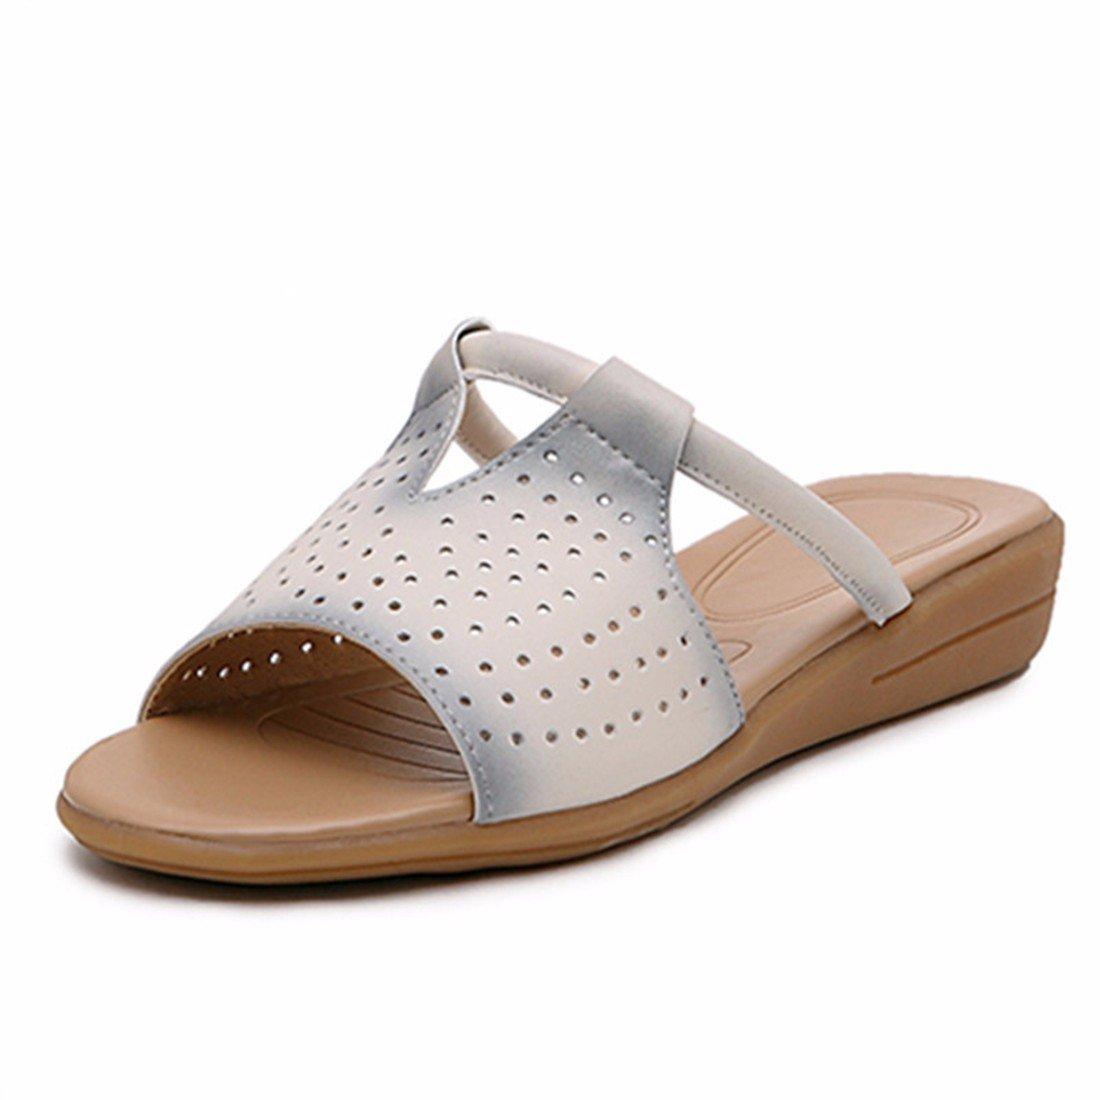 Zapatillas Sandalias Zapatos  Zapatillas de Mujer Zapatillas     Planas Ocasionales      Antideslizantes Sandalias Transpirables Femeninas    Antideslizantes Zapatos de Madre 40 EU|Blanco